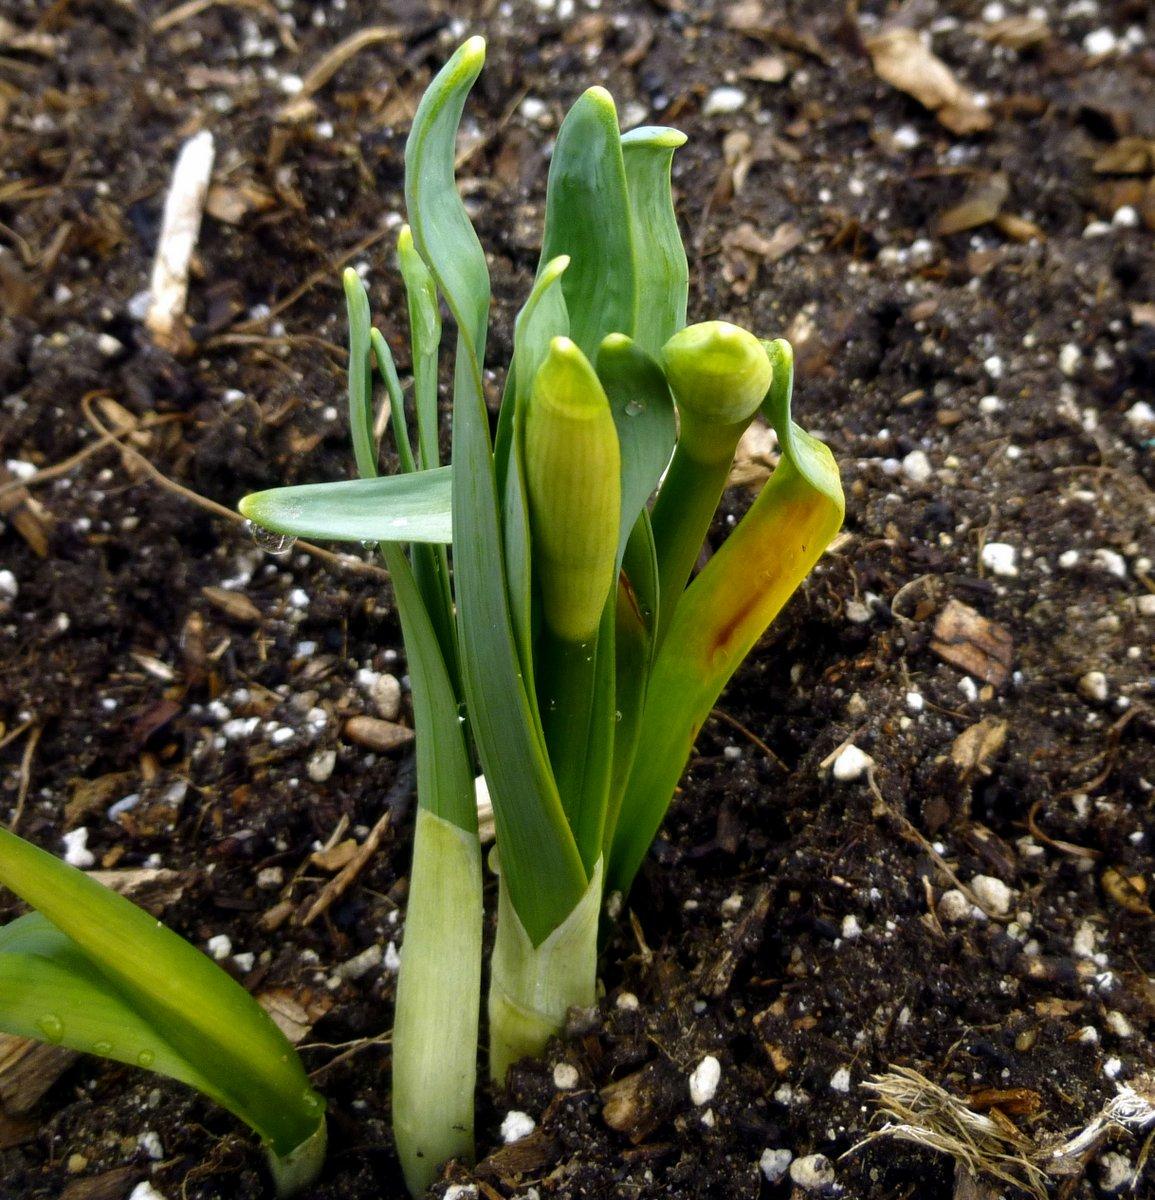 3. Budded Daffodils